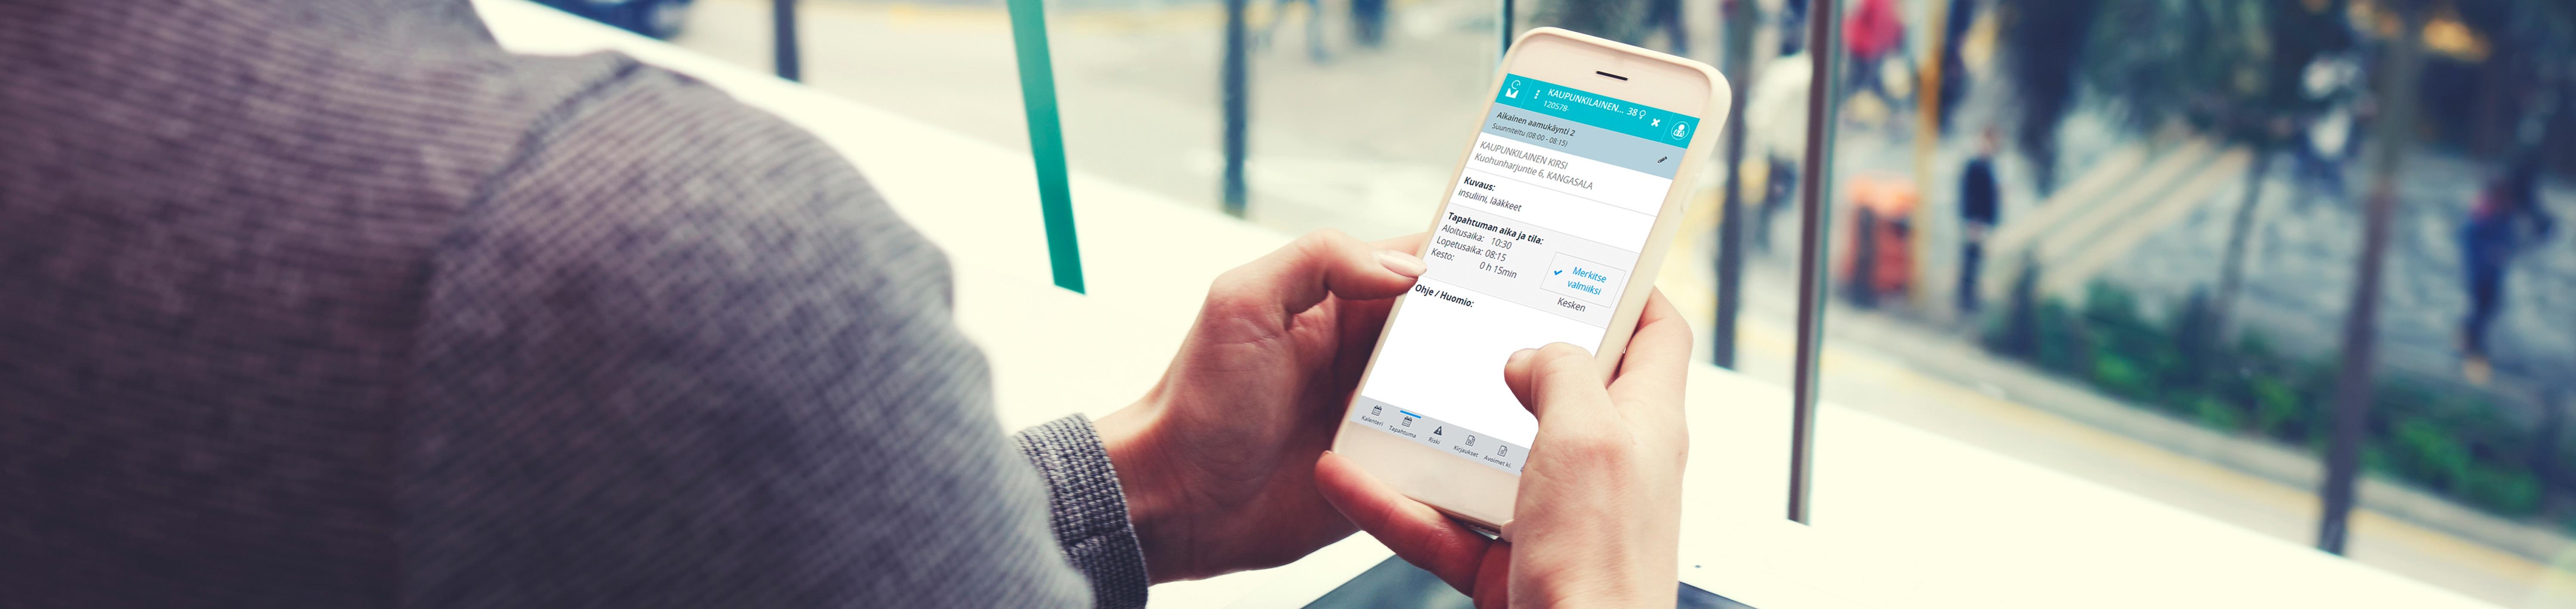 Mobiilikirjaaminen mahdollistaa kirjaamisen paikan päällä, asiakkaan luona